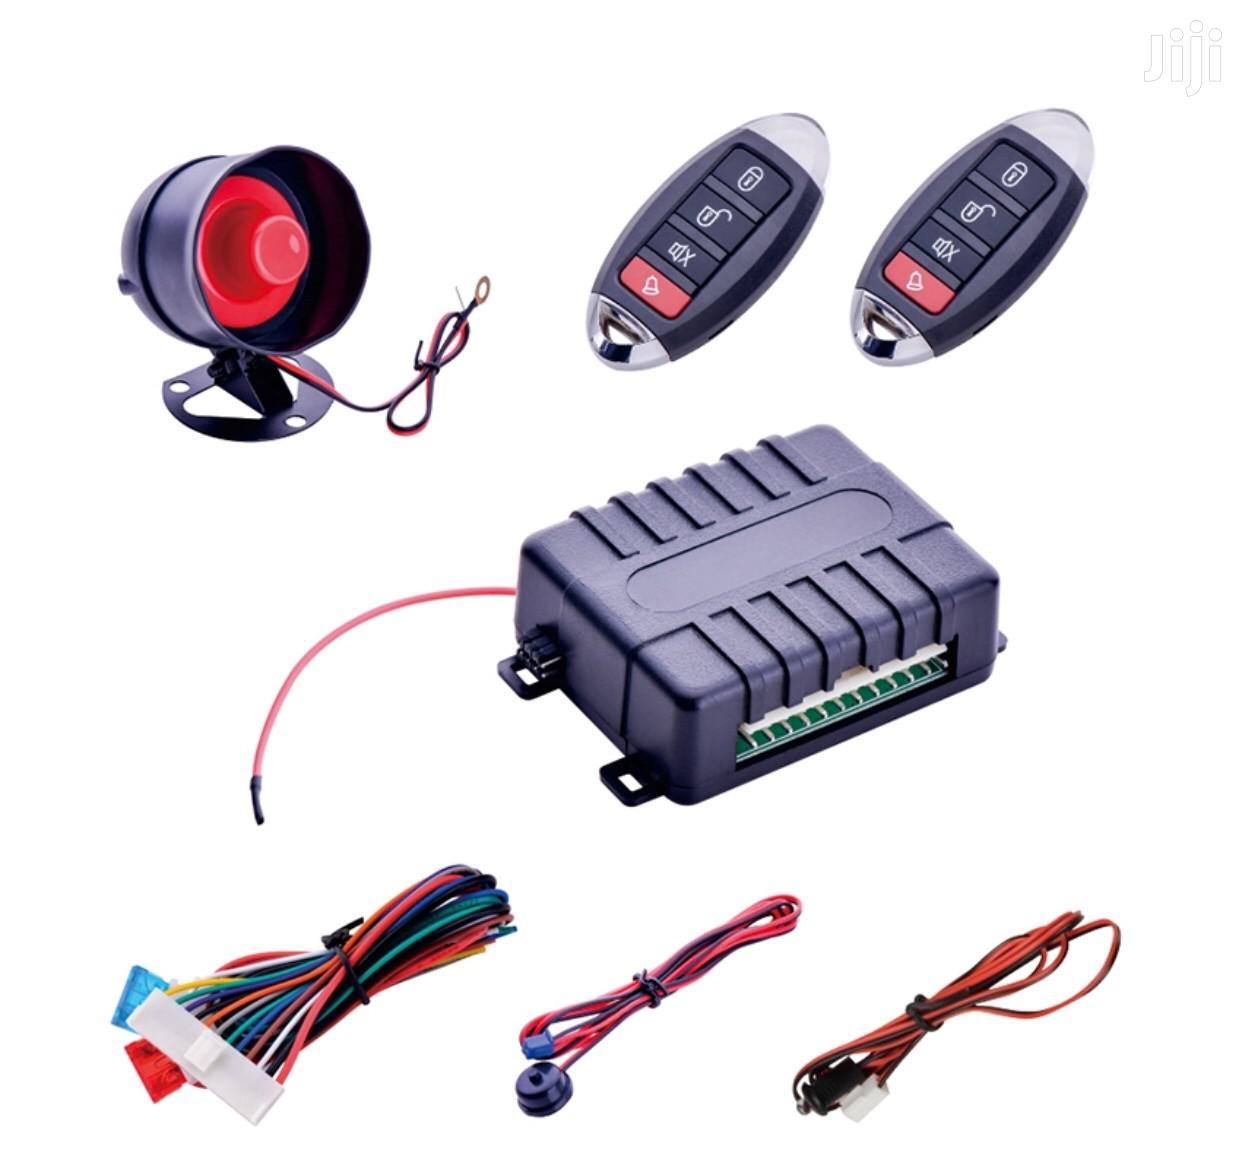 Auto Car Alarm Systems